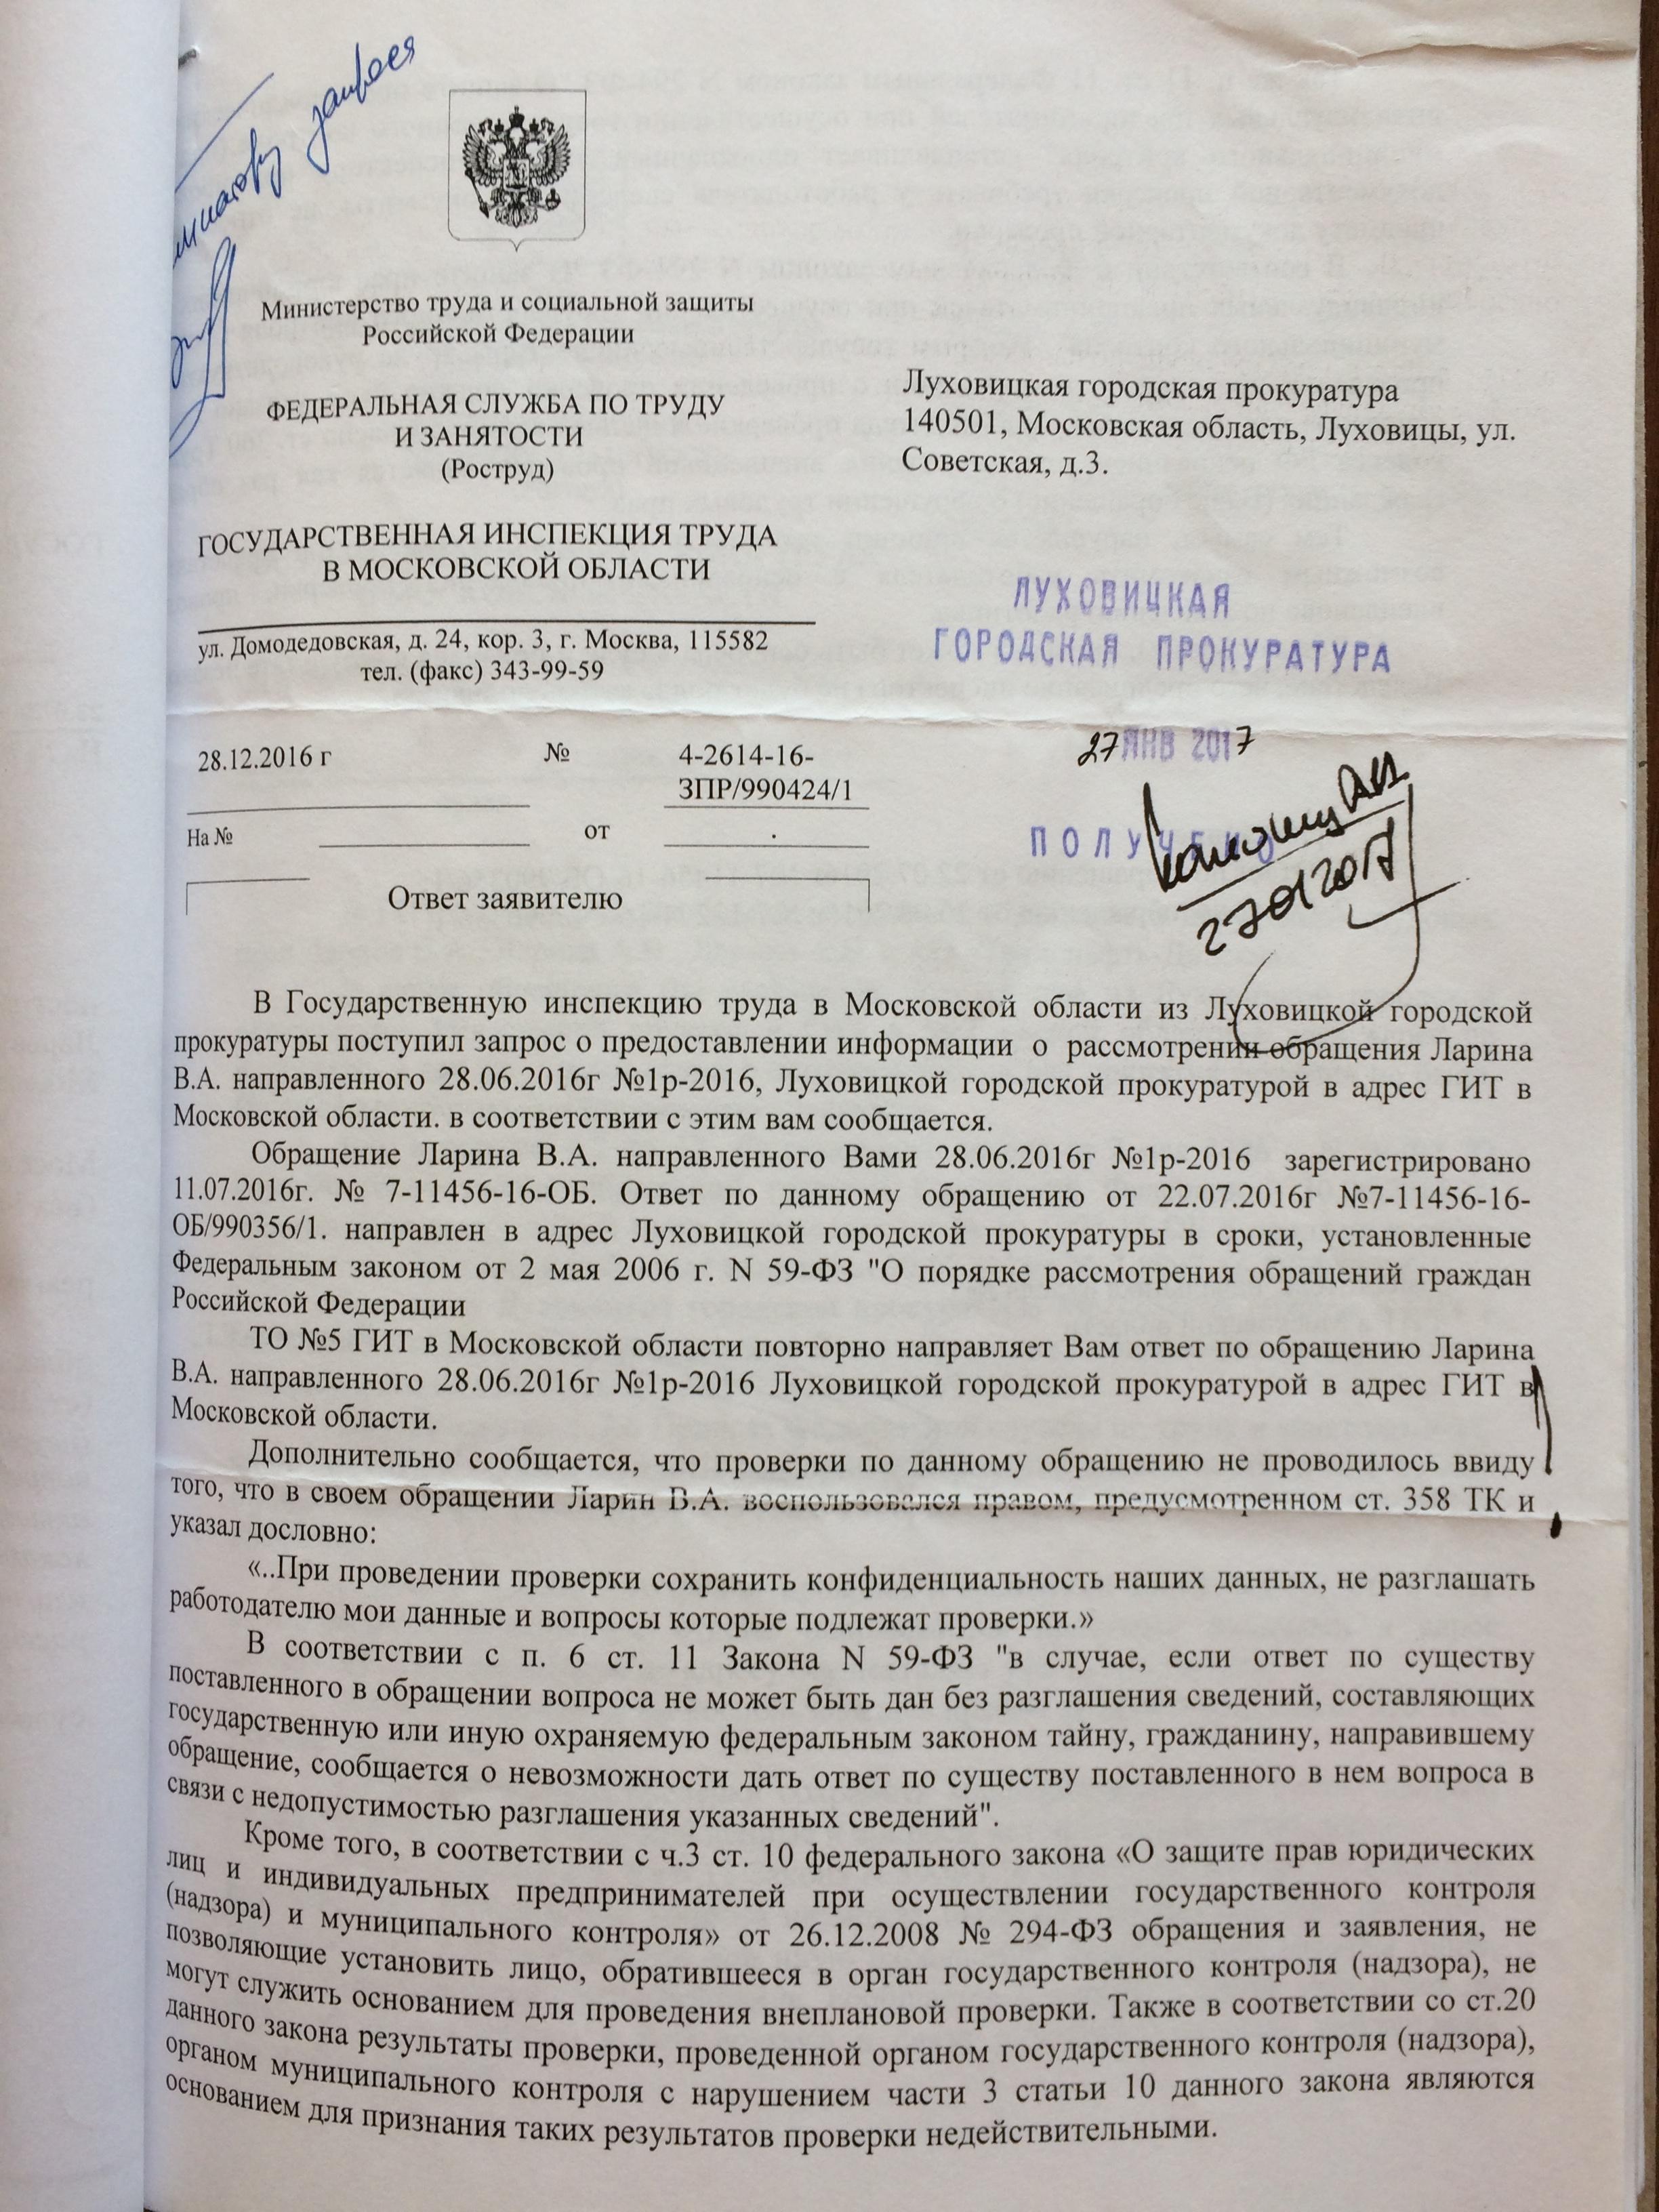 Фото документов проверки Луховицкой городской прокуратурой - 8 (5)